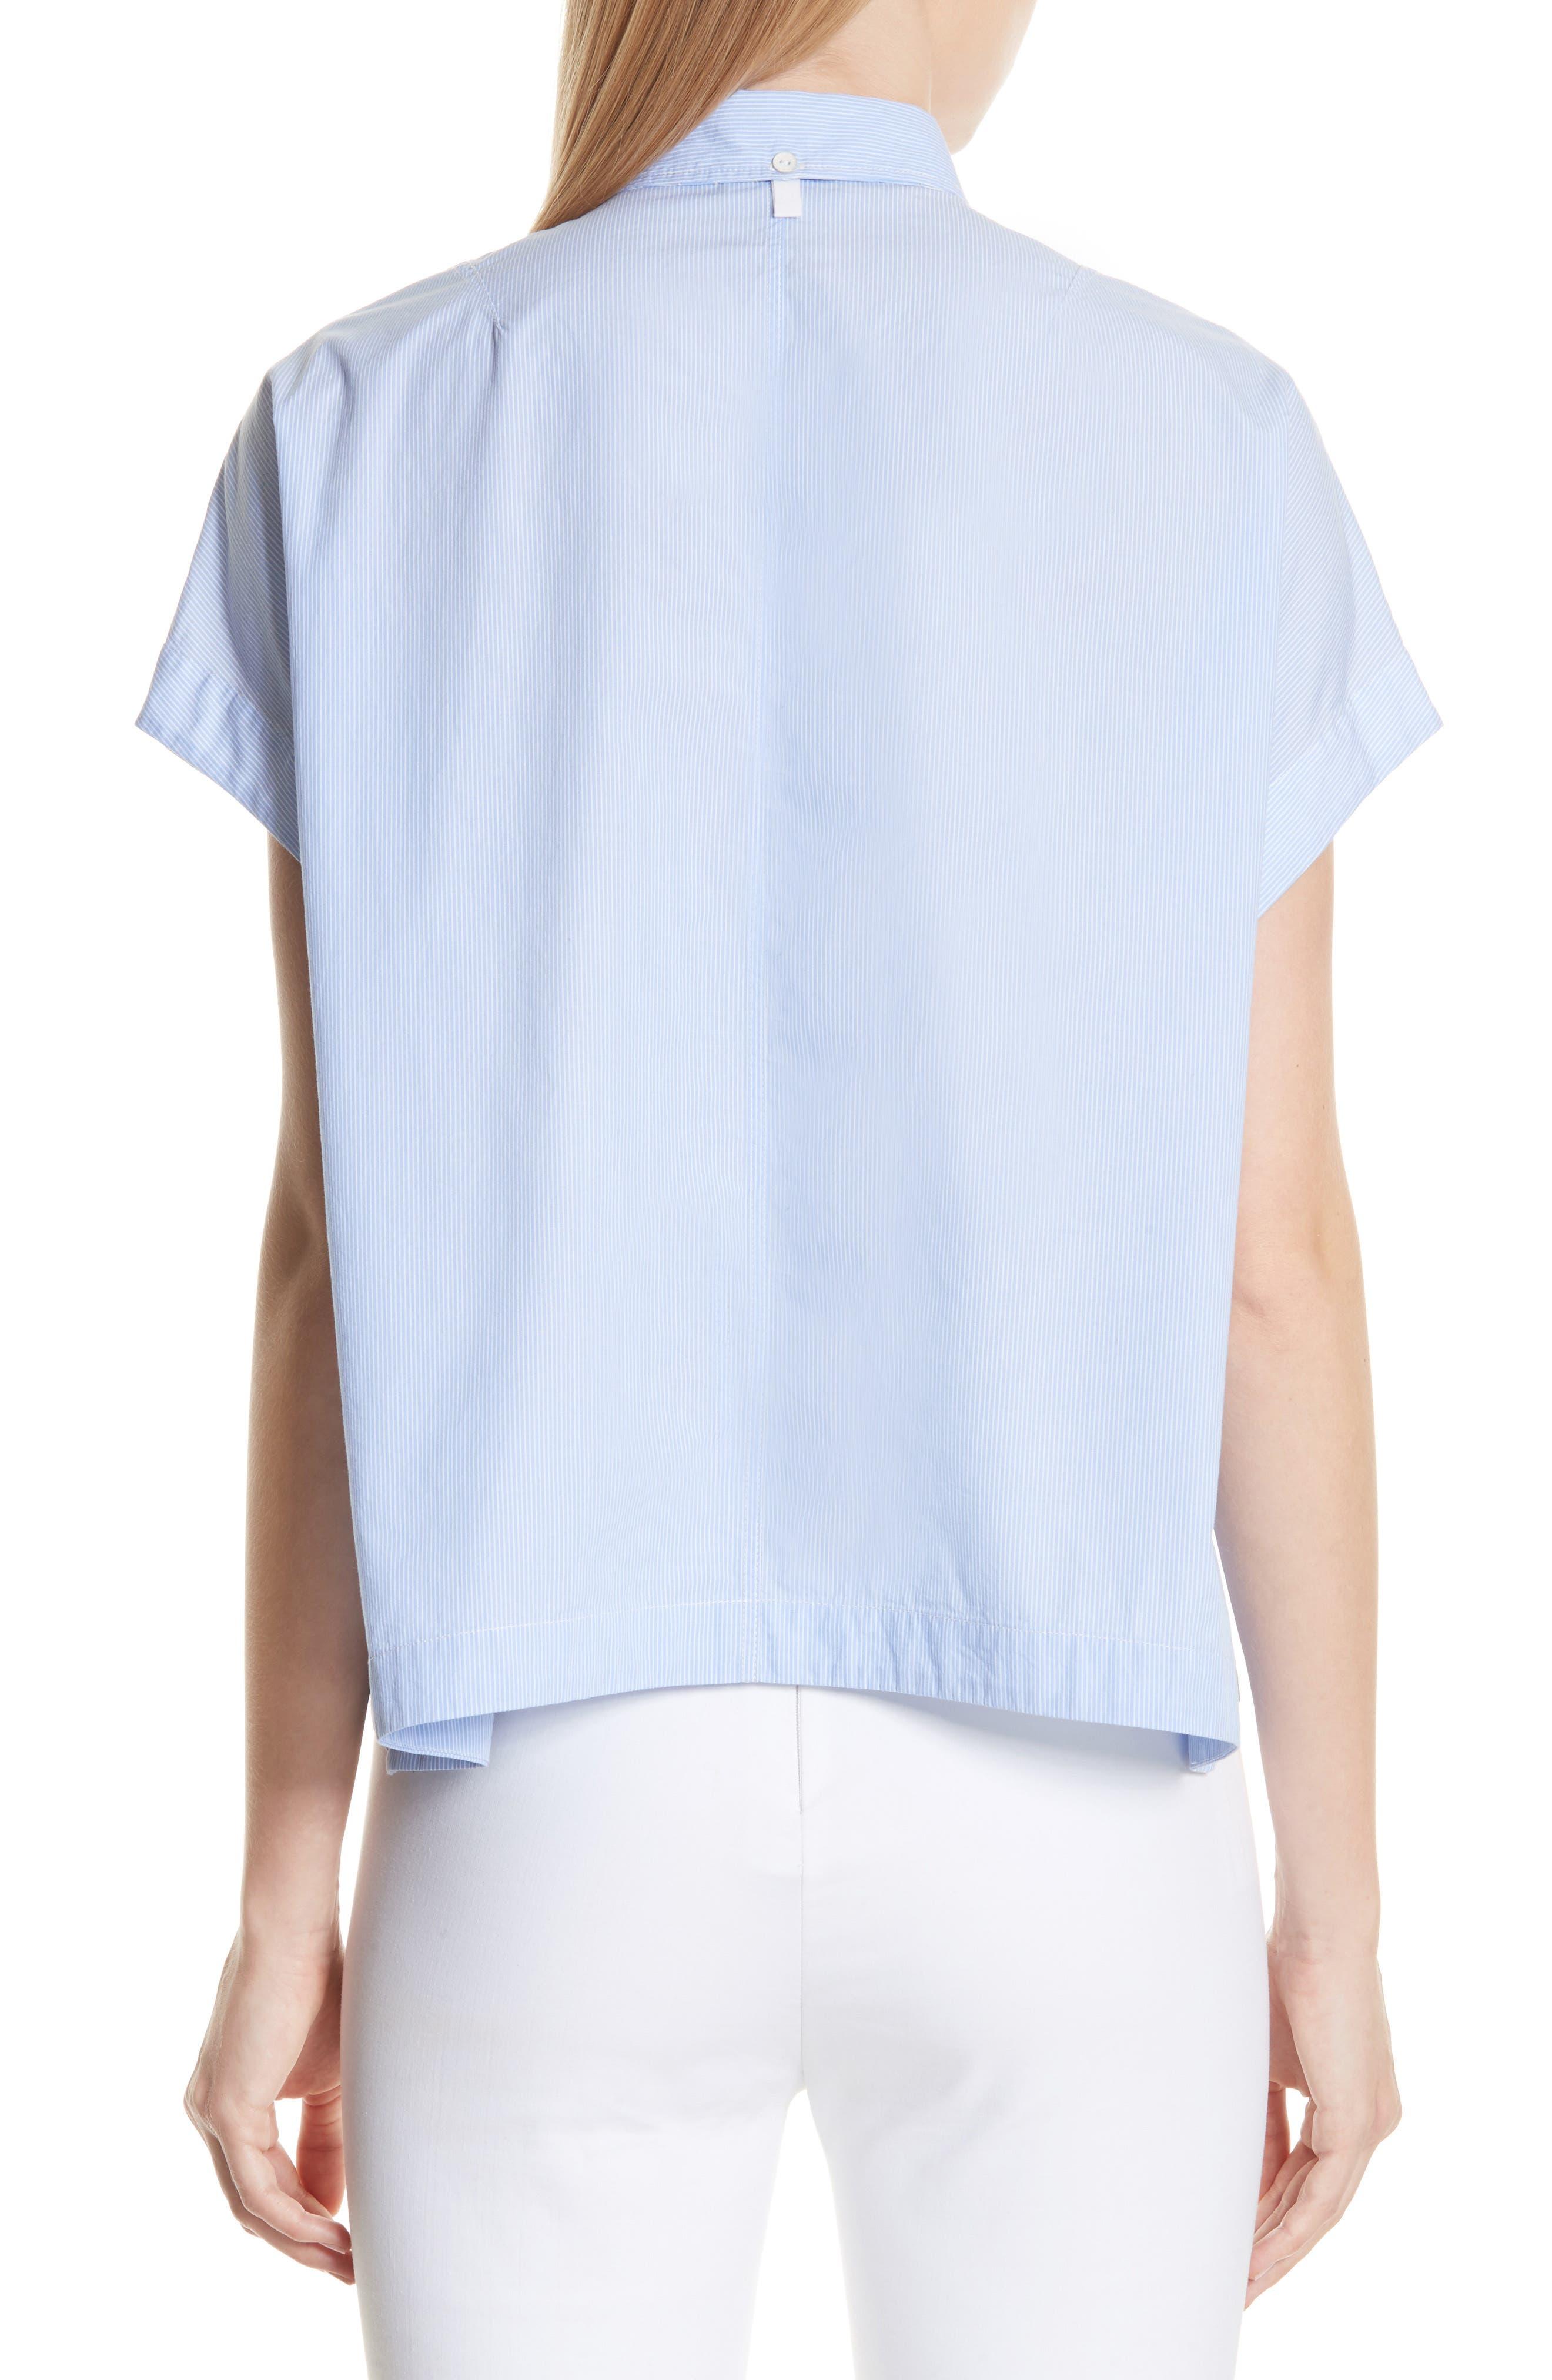 Pearson Shirt,                             Alternate thumbnail 2, color,                             Light Blue Multi